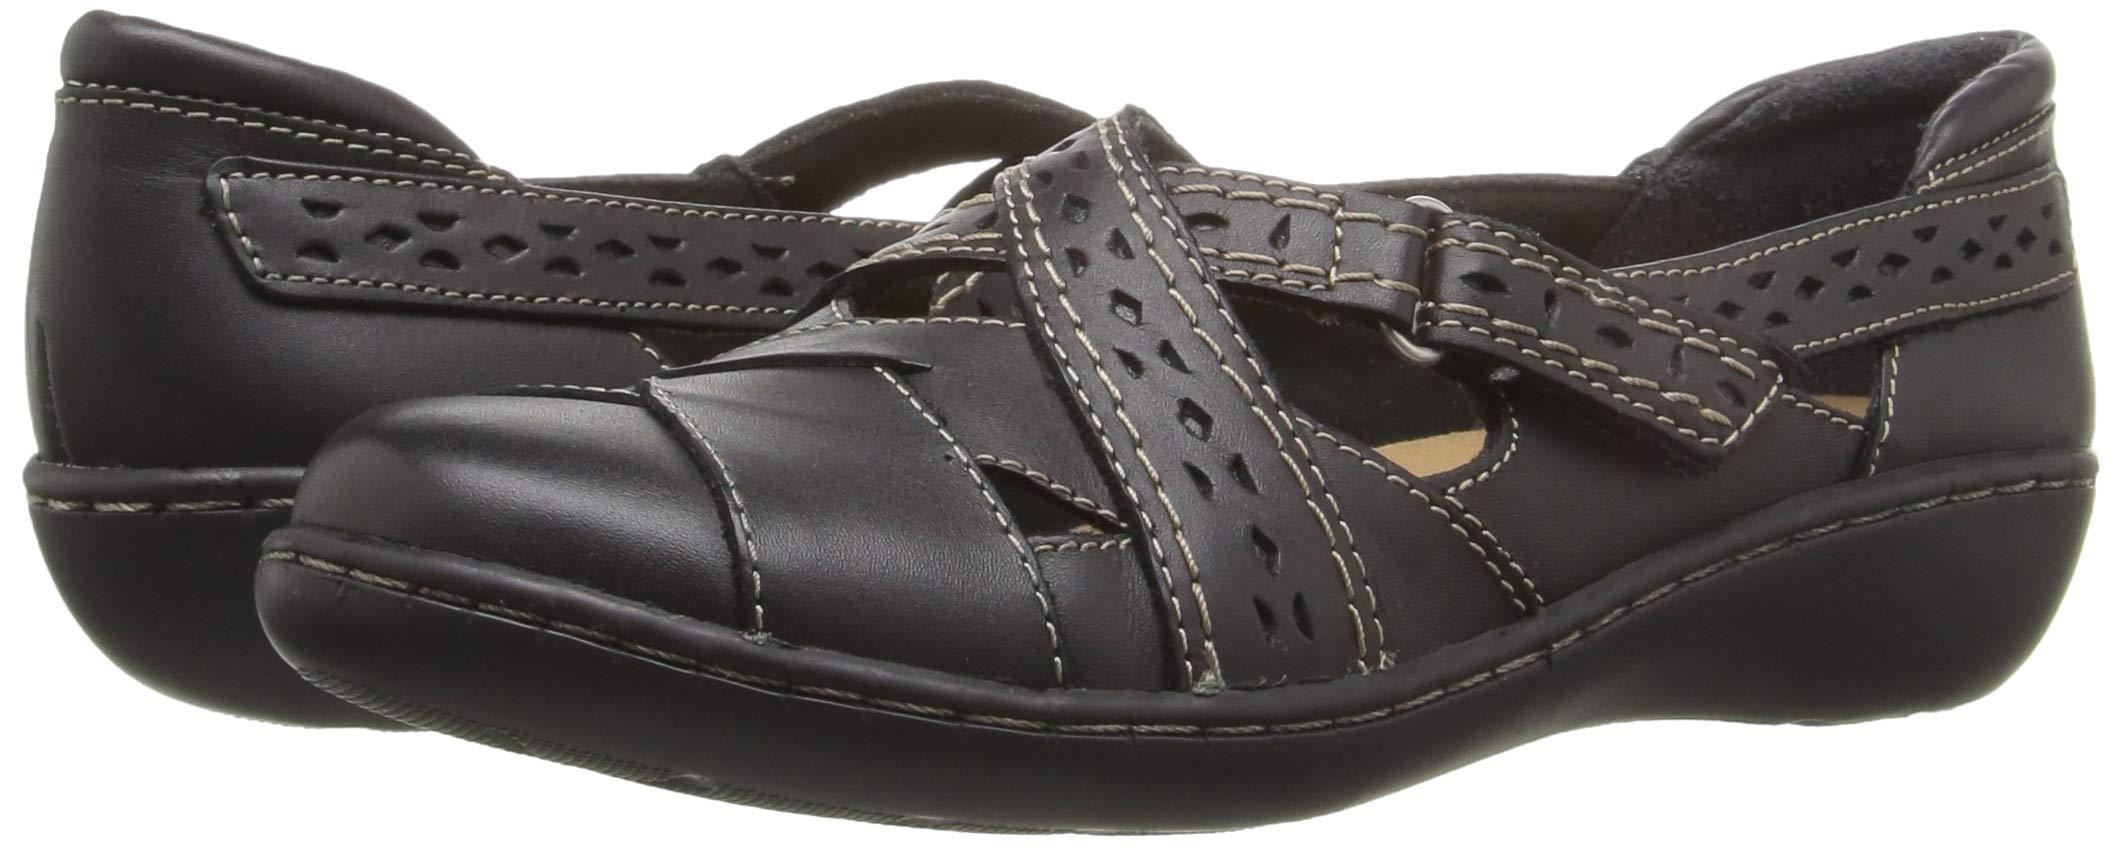 Clarks Women's Ashland Spin Q Slip-On Loafer